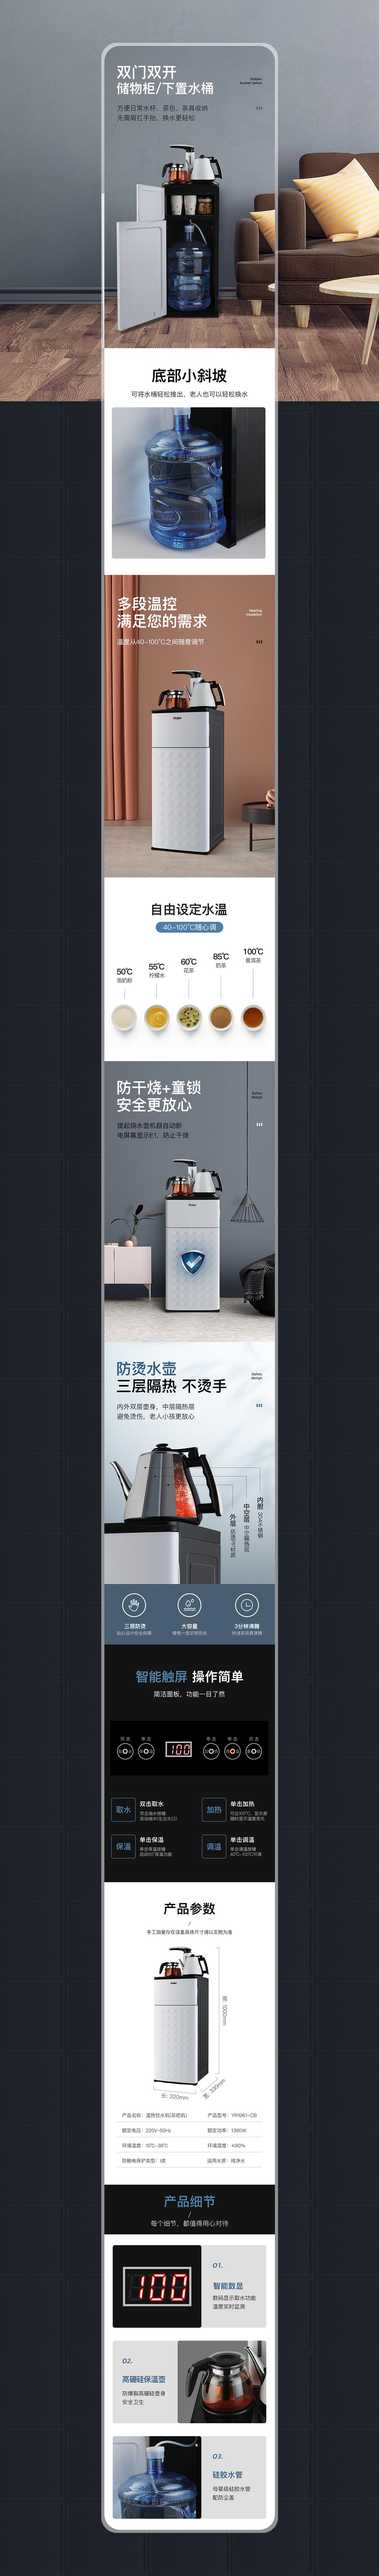 茶吧机详情页 x 4